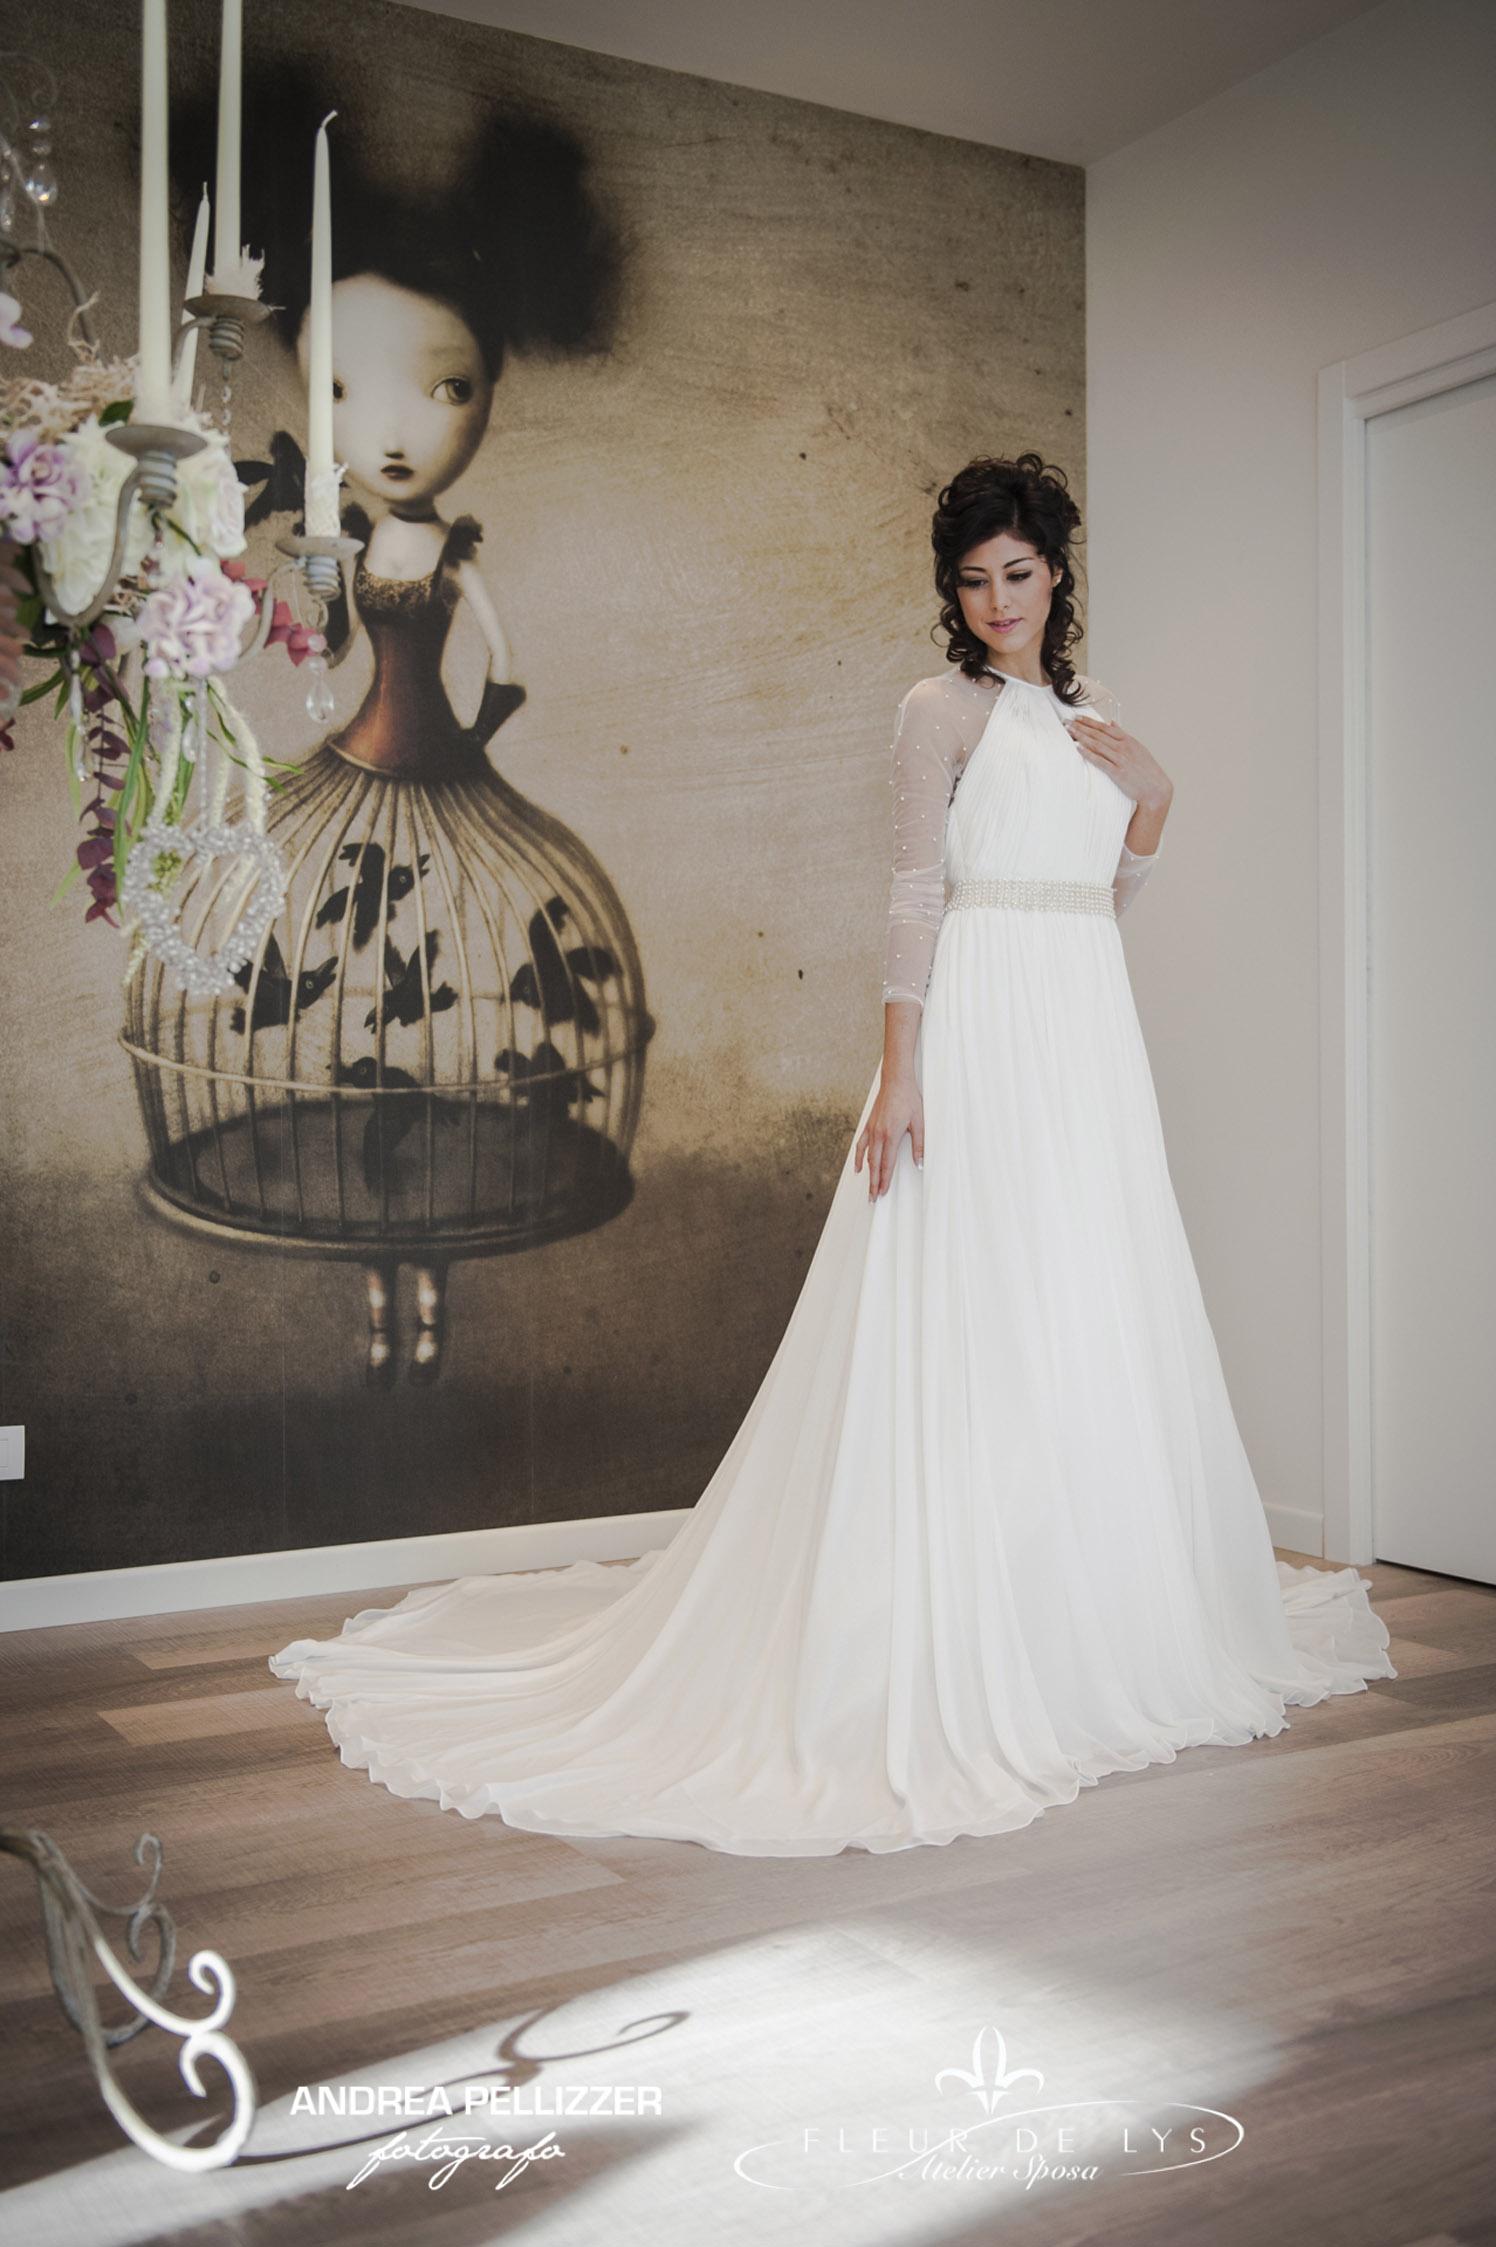 40-Atelier-Sposa-Matrimonio-provincia-di-Treviso